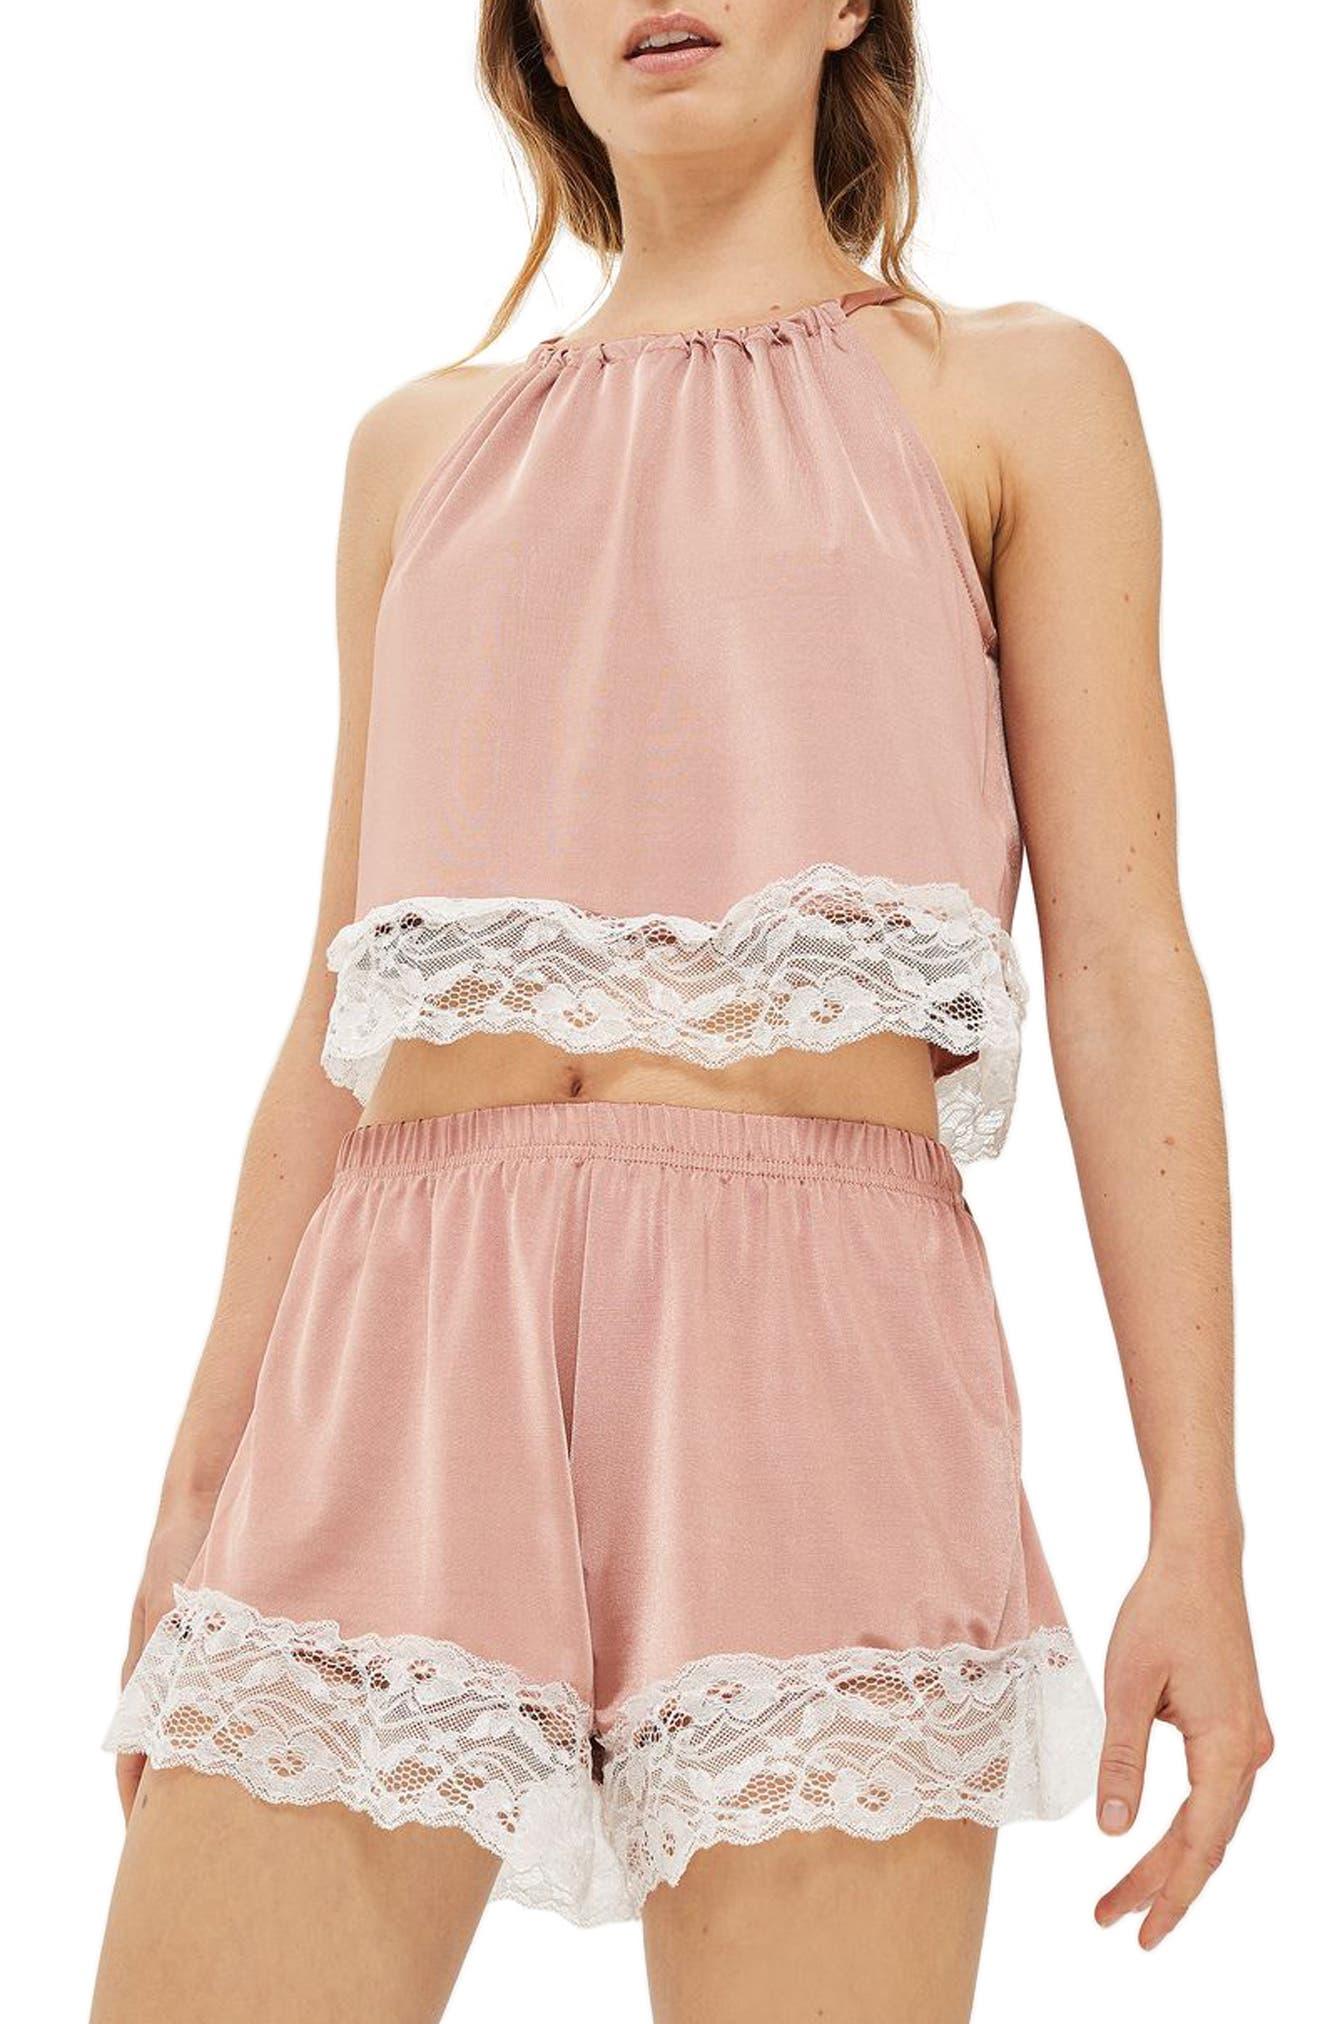 Topshop Satin & Lace Halter Pajama Top